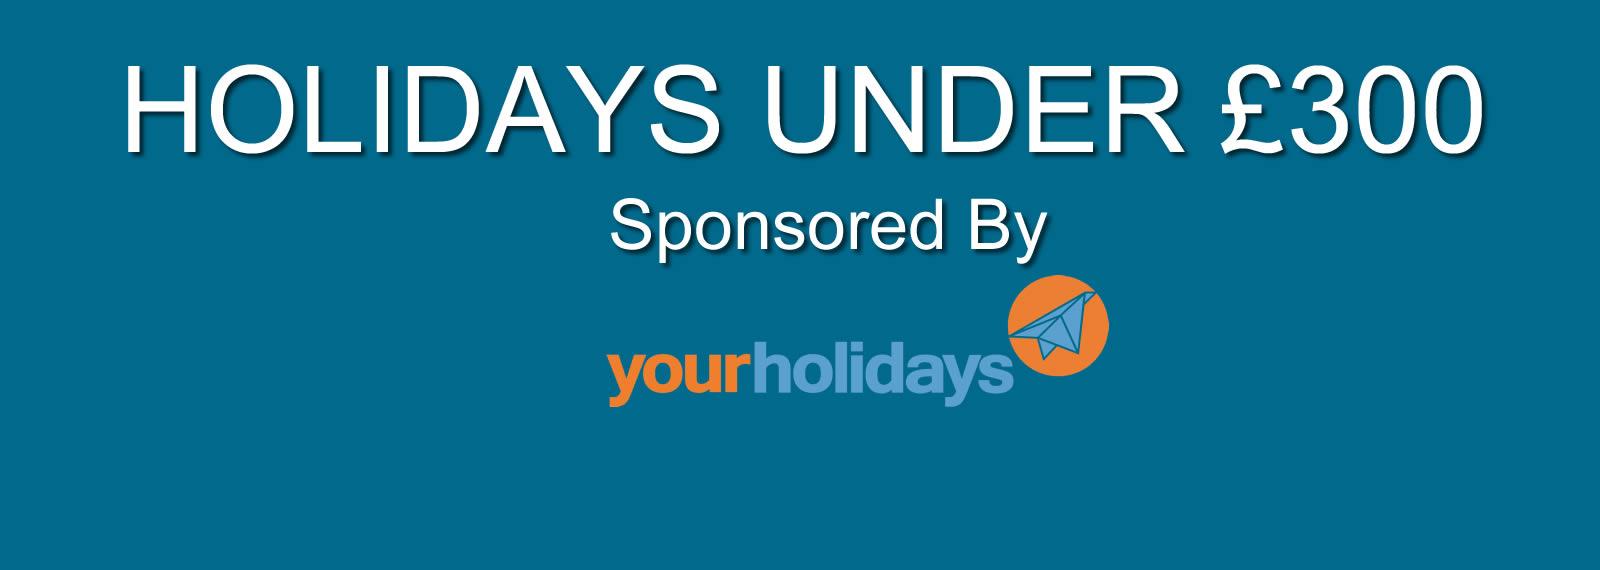 Holidays Under £300